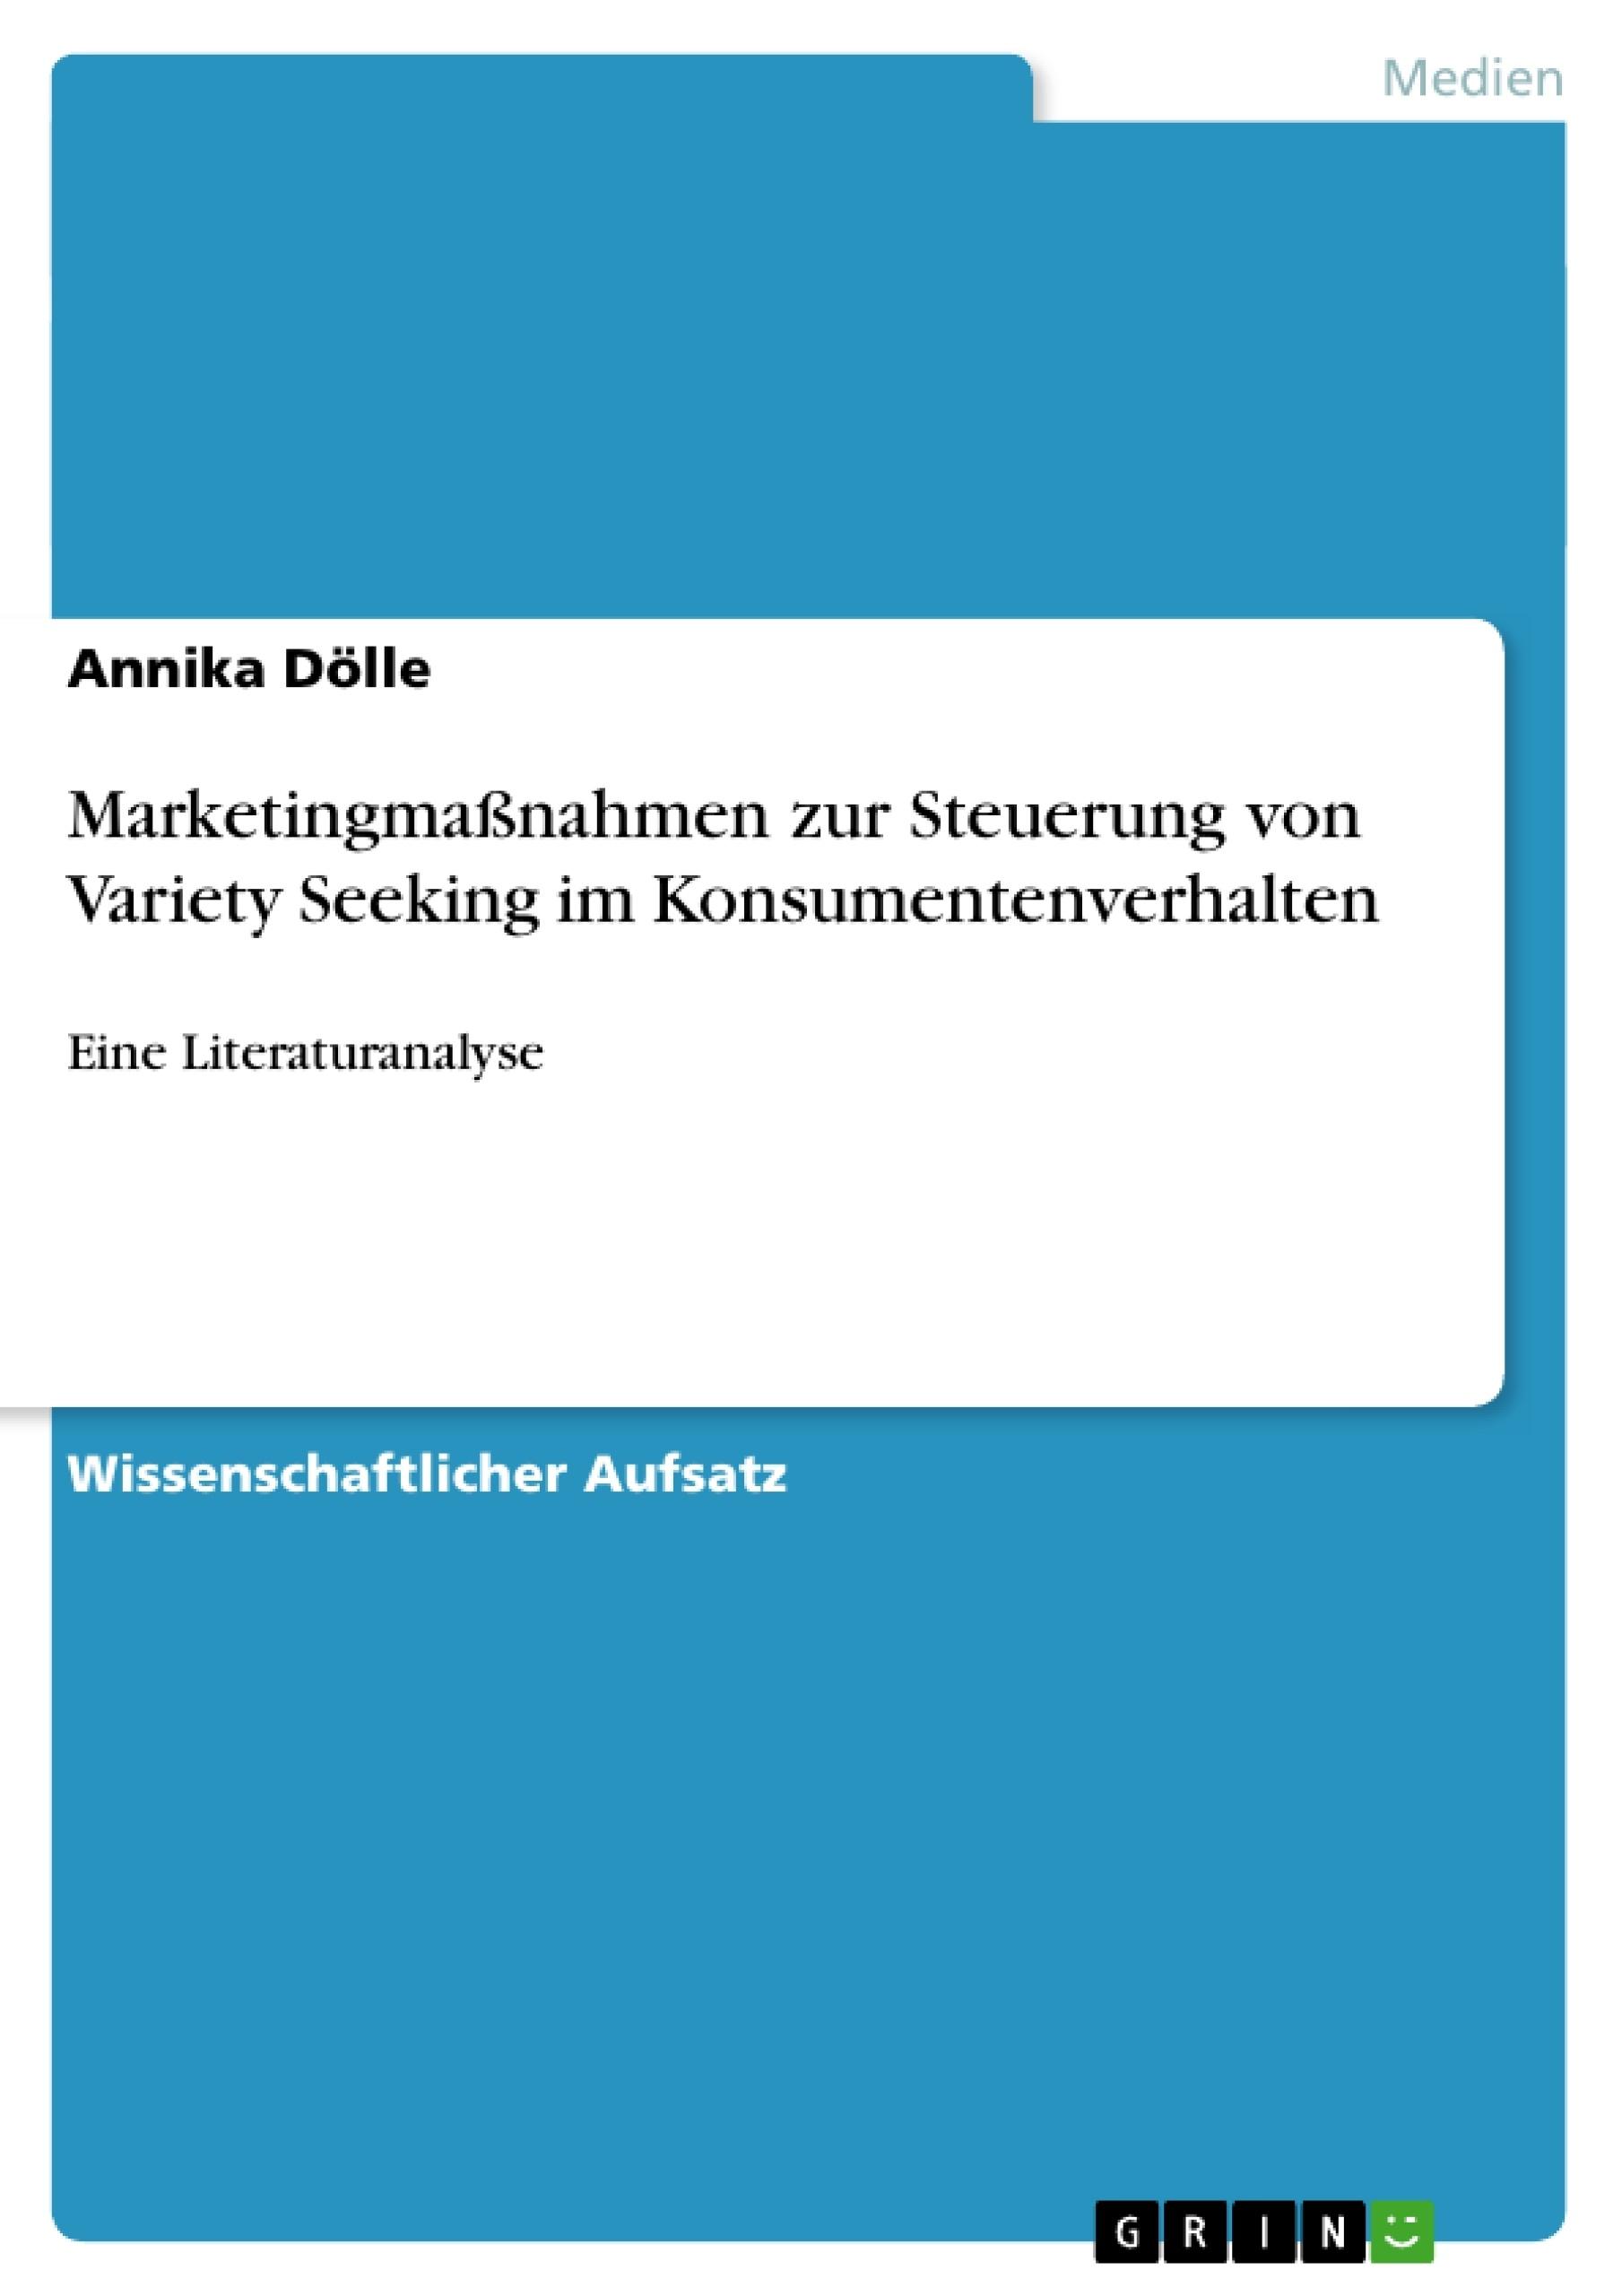 Titel: Marketingmaßnahmen zur Steuerung von Variety Seeking im Konsumentenverhalten